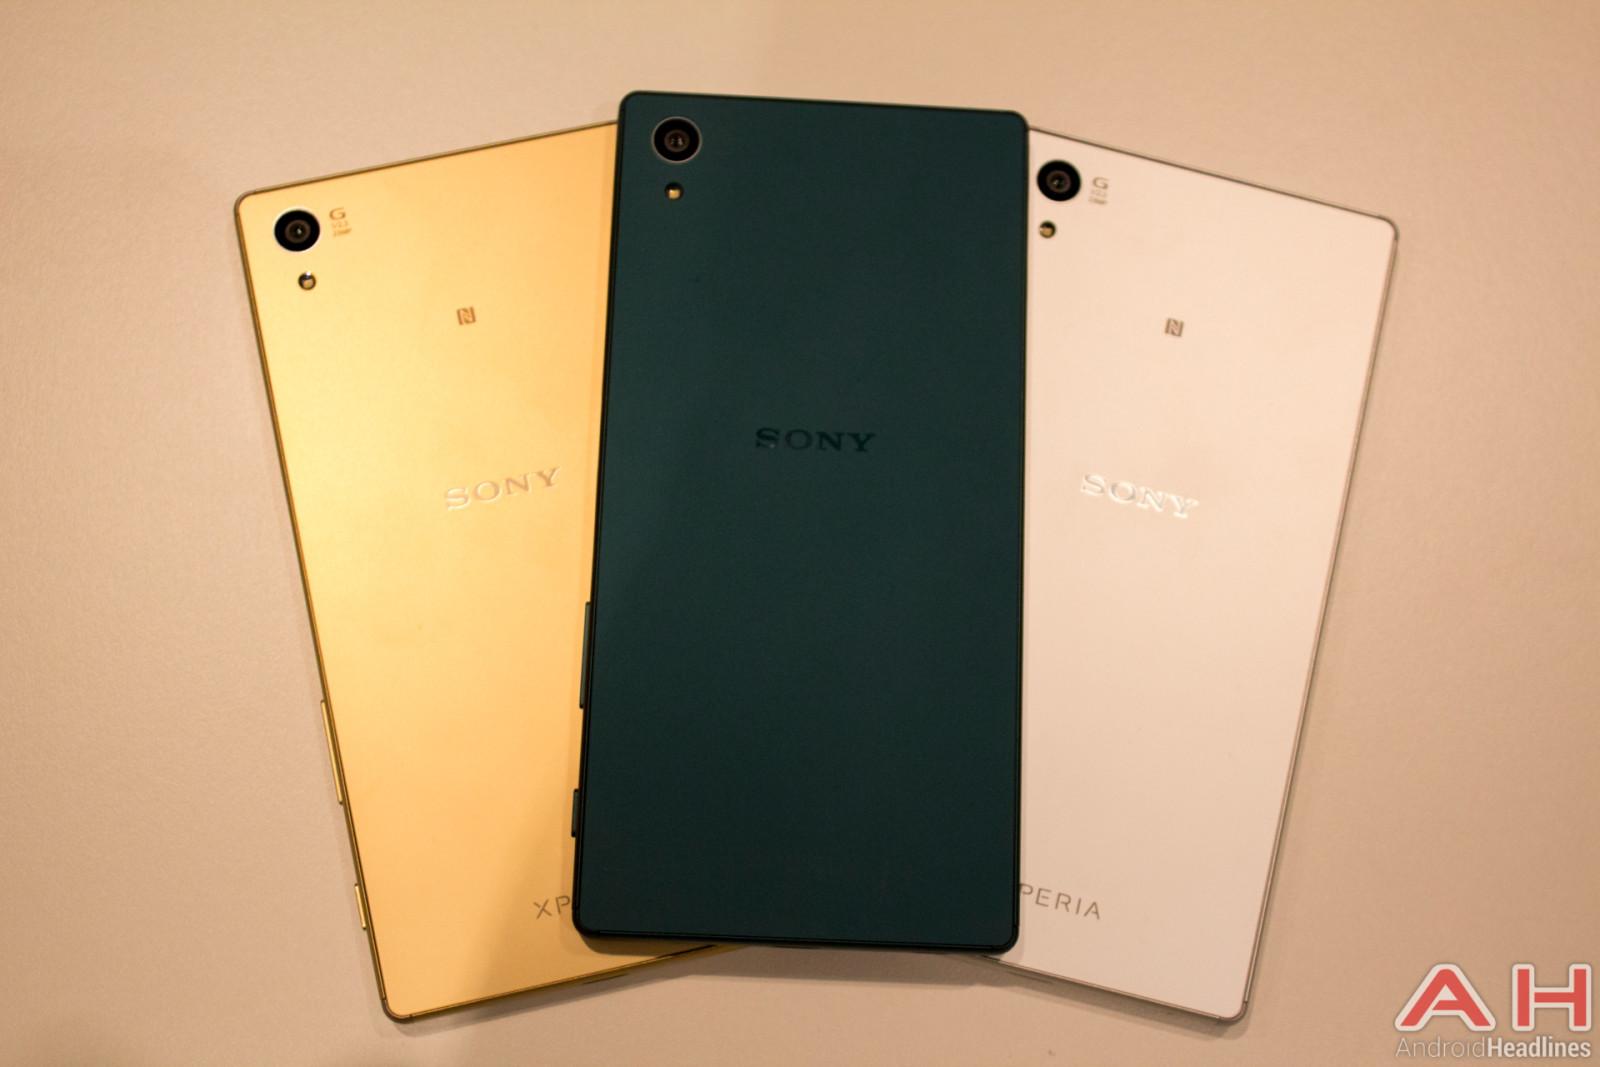 Sony-Xperia-Z5-LINE-AH-6-1600x1067